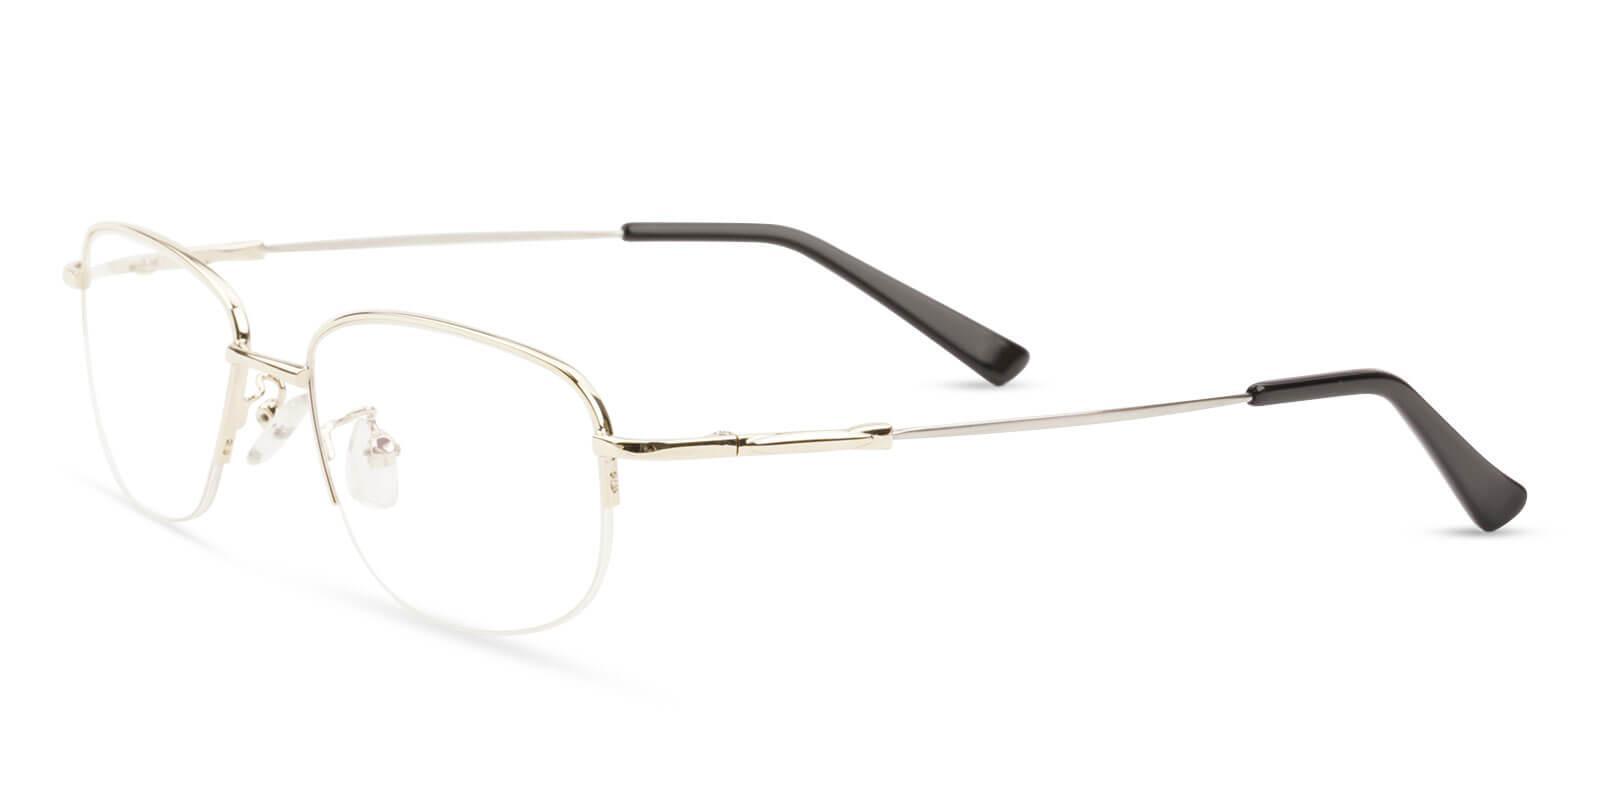 Joshua Gold Metal Eyeglasses , NosePads Frames from ABBE Glasses